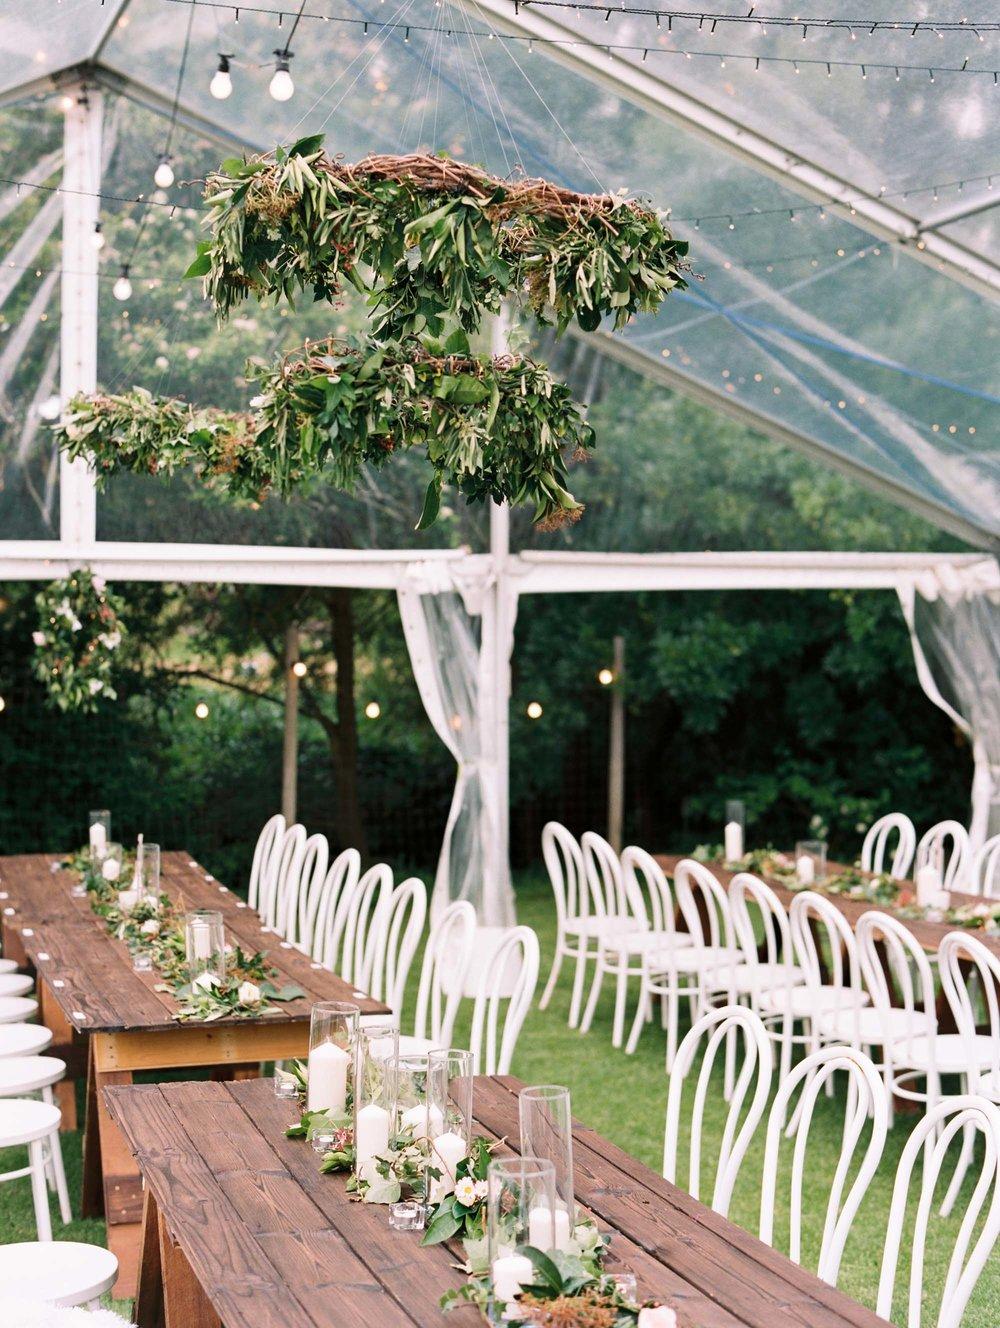 Whitehouse-hahndorf-wedding-photography-089.jpg